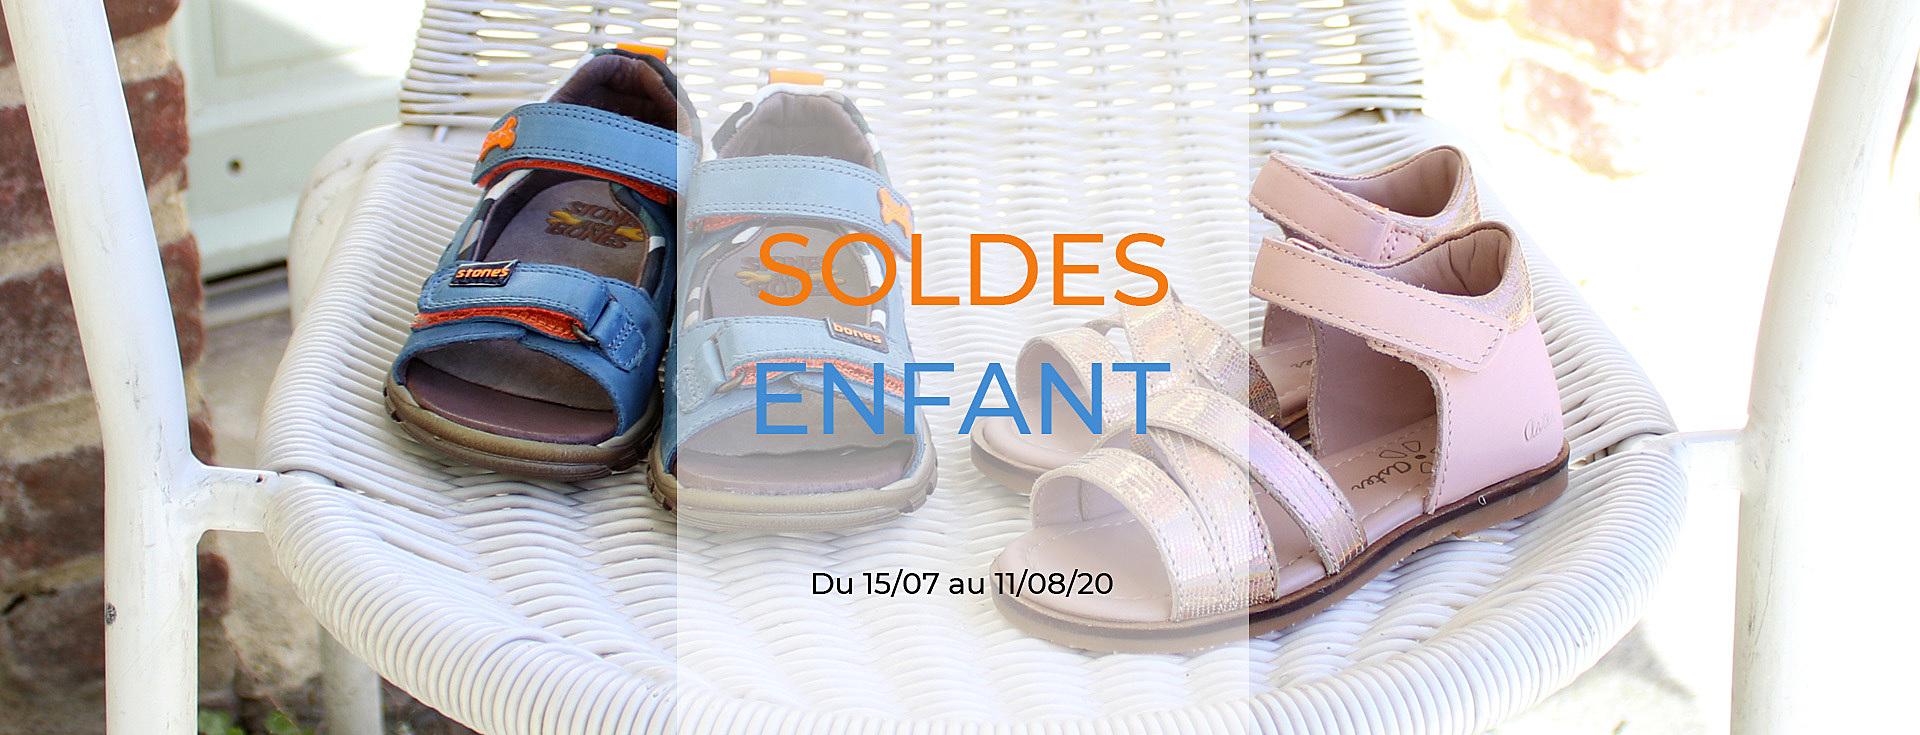 BESSEC chaussures : vente de chaussures femme, homme, enfants